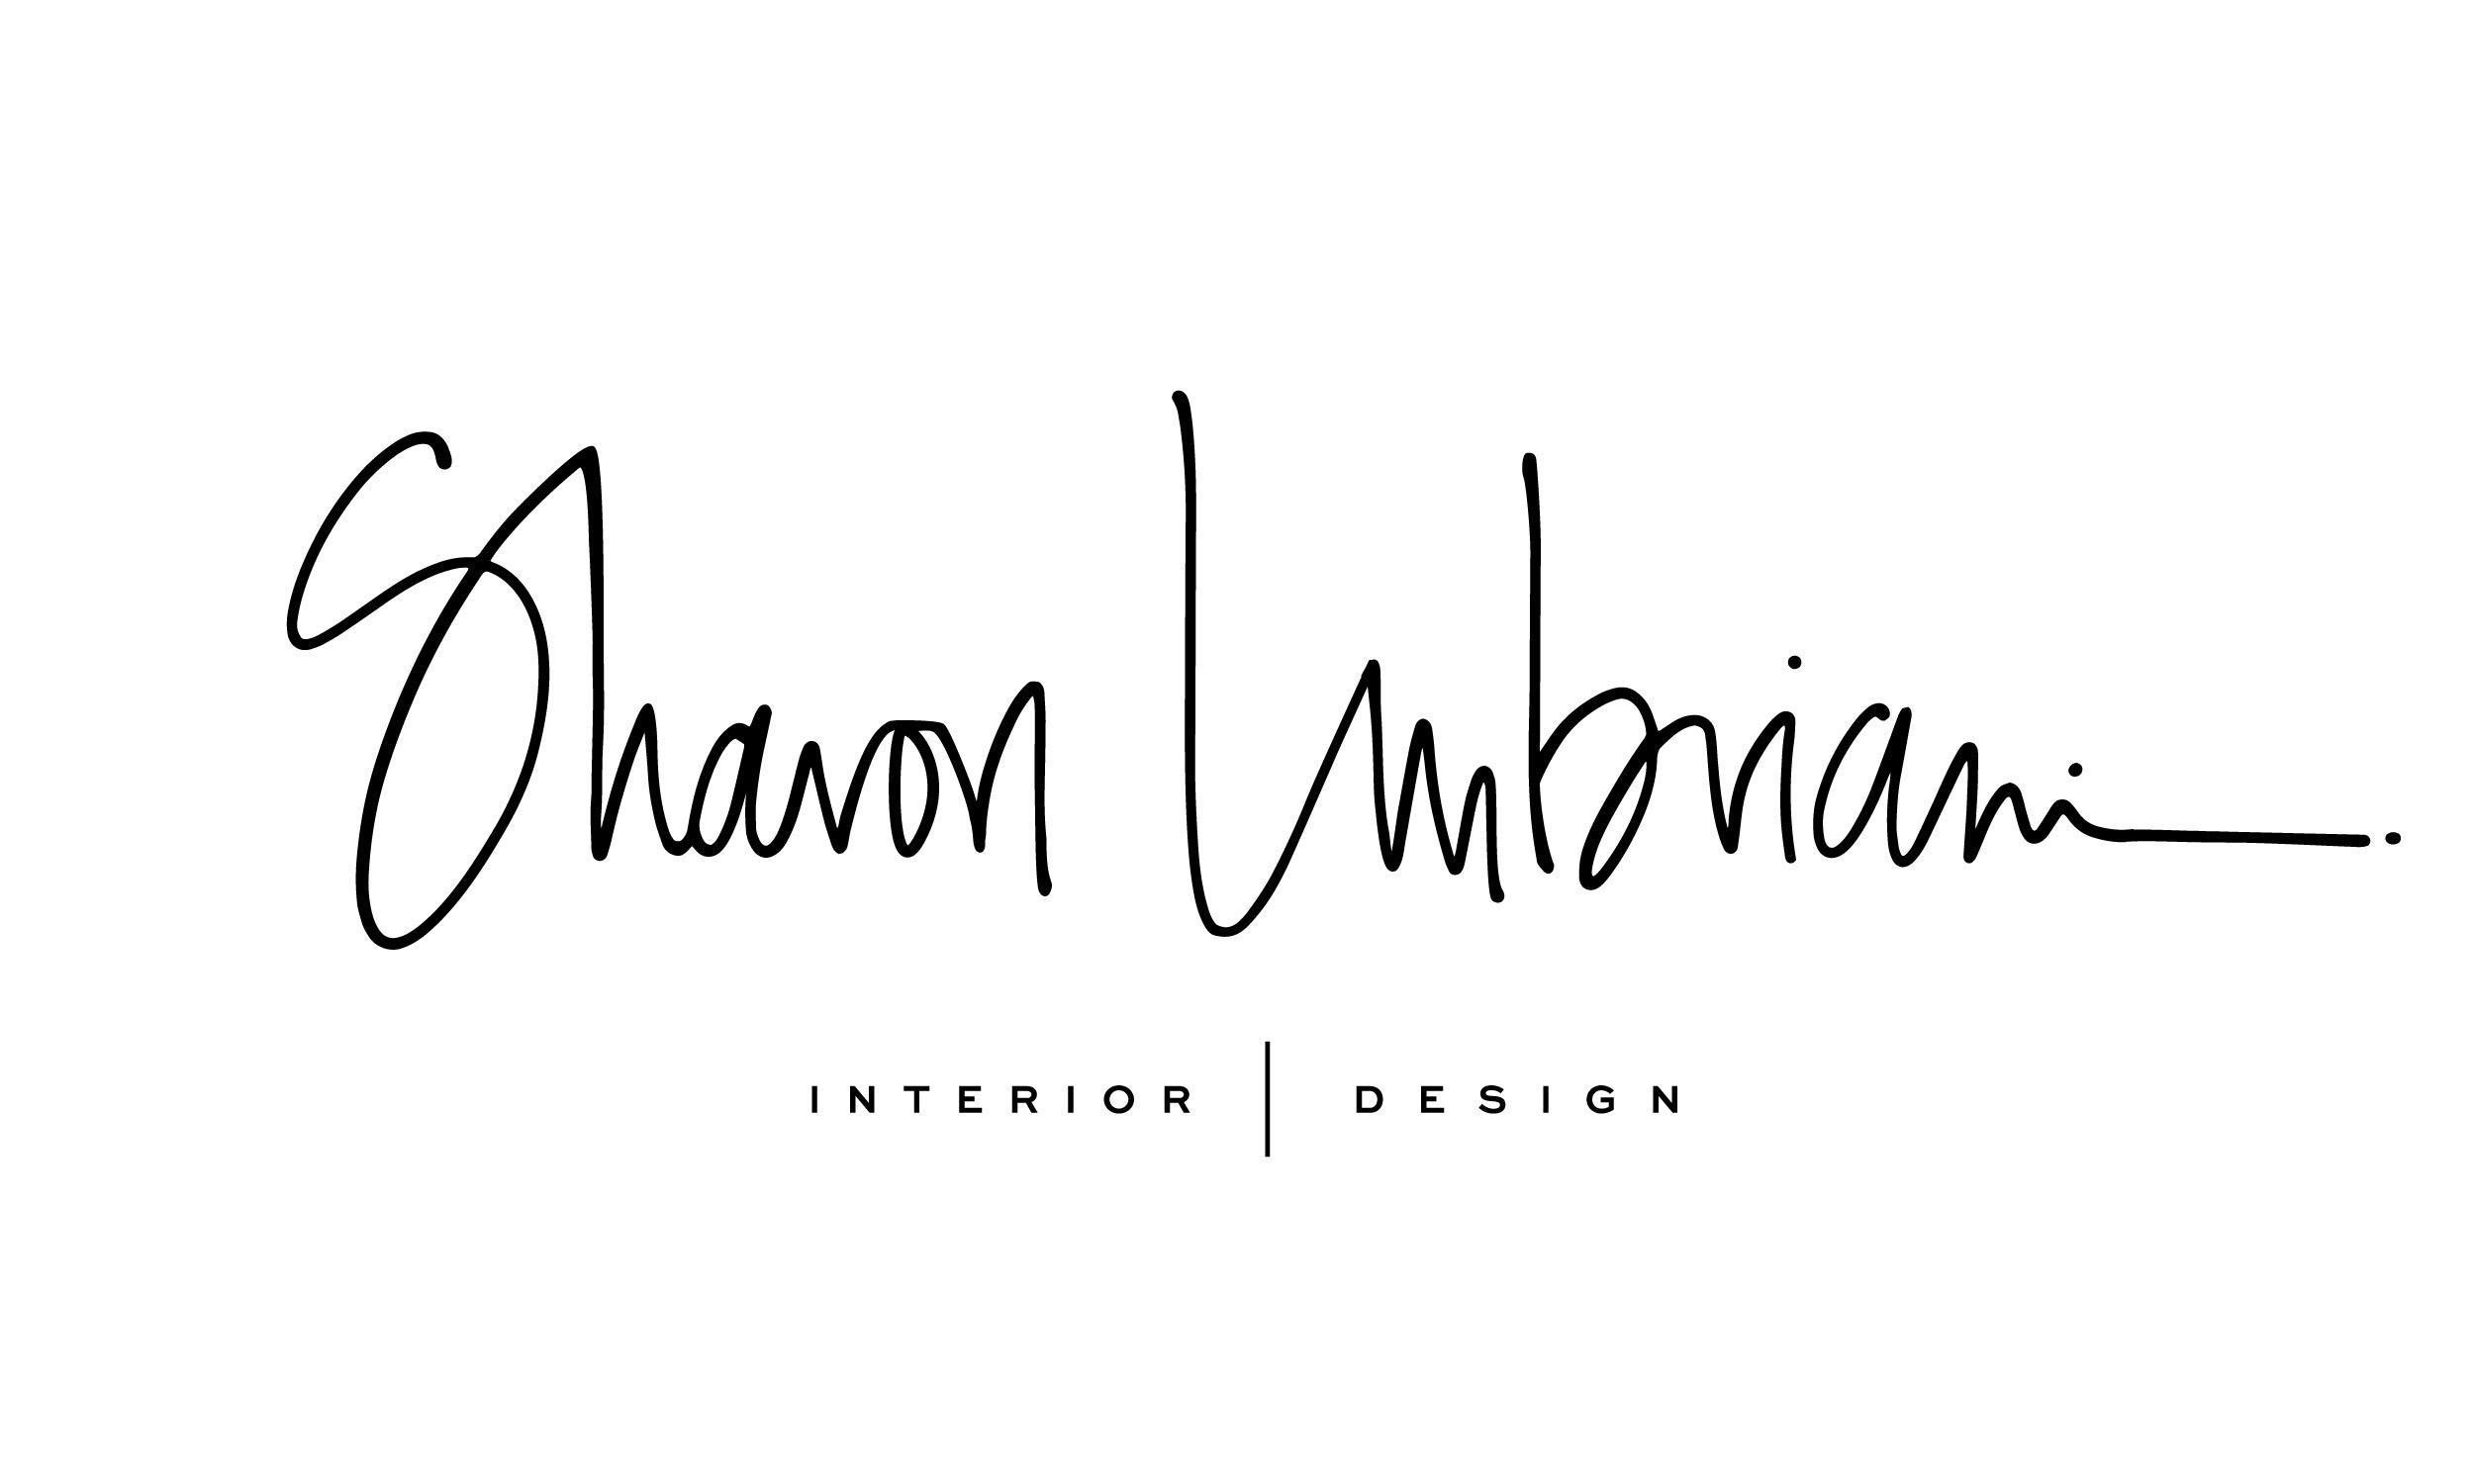 SHARON LOGO LARGE.jpg